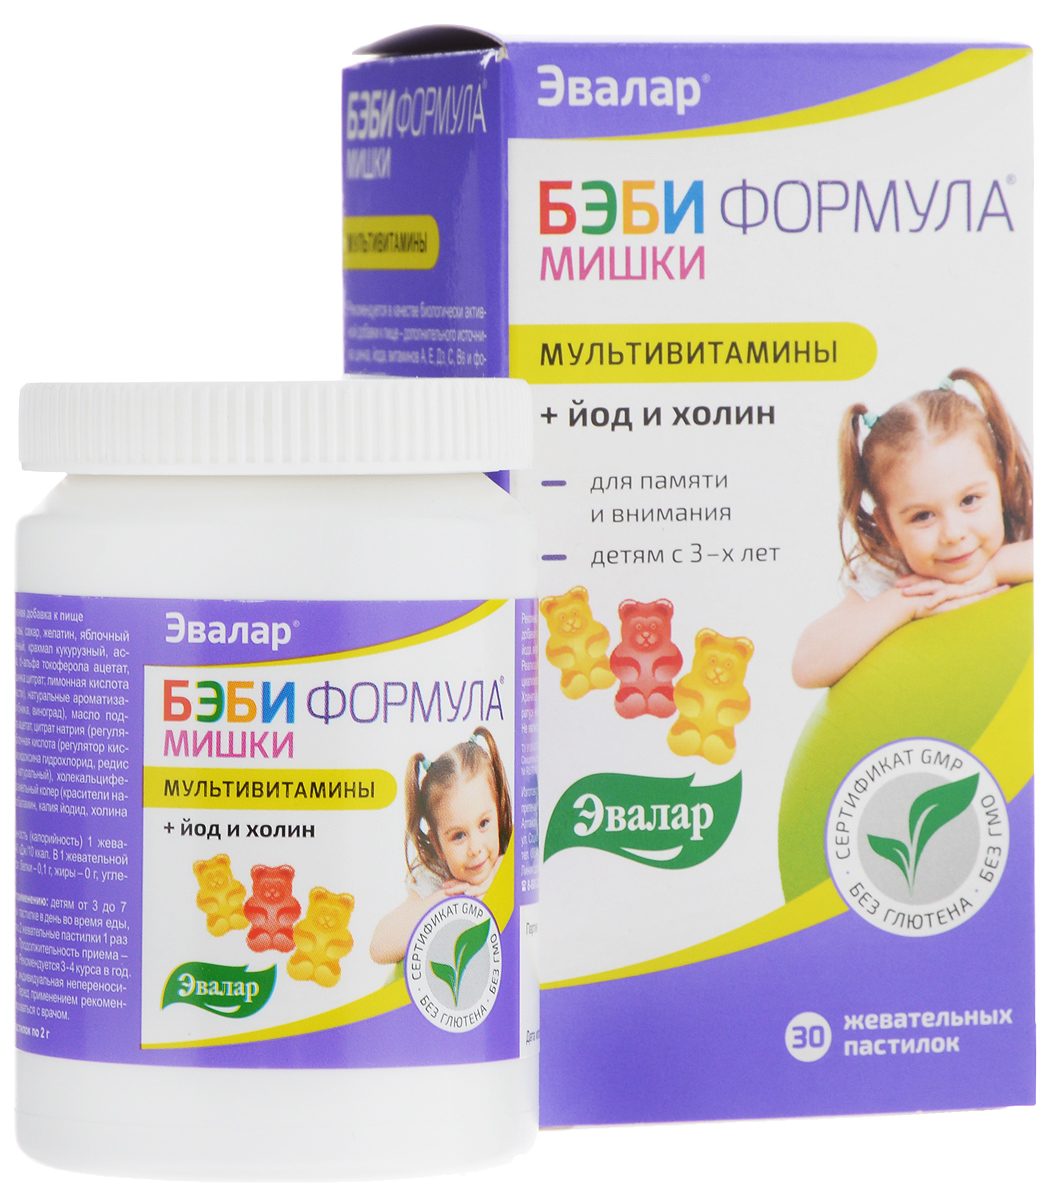 Мультивитамины Эвалар Бэби Формула Мишки, 30 жевательных пастилок4602242008750Мультивитамины Эвалар Бэби Формула Мишки - сбалансированный витаминно-минеральный комплекс в виде вкусных мармеладных пастилок-мишек на основе натурального сока. В составе 10 витаминов и минералов + йод и холин для памяти и внимания. Данный комплекс обогащает детский организм необходимыми питательными веществами (витамины и минералы) и обладает следующим действием: - способствует повышению защитных сил организма, - улучшает аппетит, - укрепляет нервную систему и иммунитет, - оказывает общеукрепляющее действие, - способствует полноценному развитию и росту ребенка, улучшению памяти и внимания, - эффективен для профилактики ОРВИ, гриппа и простуды. Рекомендуется в качестве биологически активной добавки к пище - дополнительного источника цинка, йода, витаминов А, Е, Д3, В6 и фолиевой кислоты. Без искусственных красителей, ароматизаторов и консервантов. Рекомендации по применению: Детям от 3 до 7 лет по 1 жевательной пастилке в день во время еды, детям старше 7 лет по 2 жевательные пастилки 1 раз в день во время еды. Продолжительность приема - не менее 1-2 месяцев. Рекомендуется 3-4 курса в год. Состав: сироп глюкозы, сахар, желатин, яблочный сок концентрированный, крахмал кукурузный, аскорбиновая кислота, d-альфа токоферола ацетат, фолиевая кислота, цинка цитрат; лимонная кислота (регулятор кислотности), натуральные ароматизаторы (Апельсин, Клубника, Виноград), масло подсолнечное, ретинола ацетат; цитрат натрия, яблочная кислота (регулятор кислотности), биотин, пиридоскина гидрохлорид, редис красный (краситель натуральный), холекальциферол; бета-каротин и карамельный колер (красители натуральные), цианокобаламин, калия йодид, холина битартрат, инозит. Товар не является лекарственным средством. Товар не рекомендован для лиц младше 18 лет. Могут быть противопоказания, и следует предварительно проконсультироваться со специалистом. Товар сертифицирован.